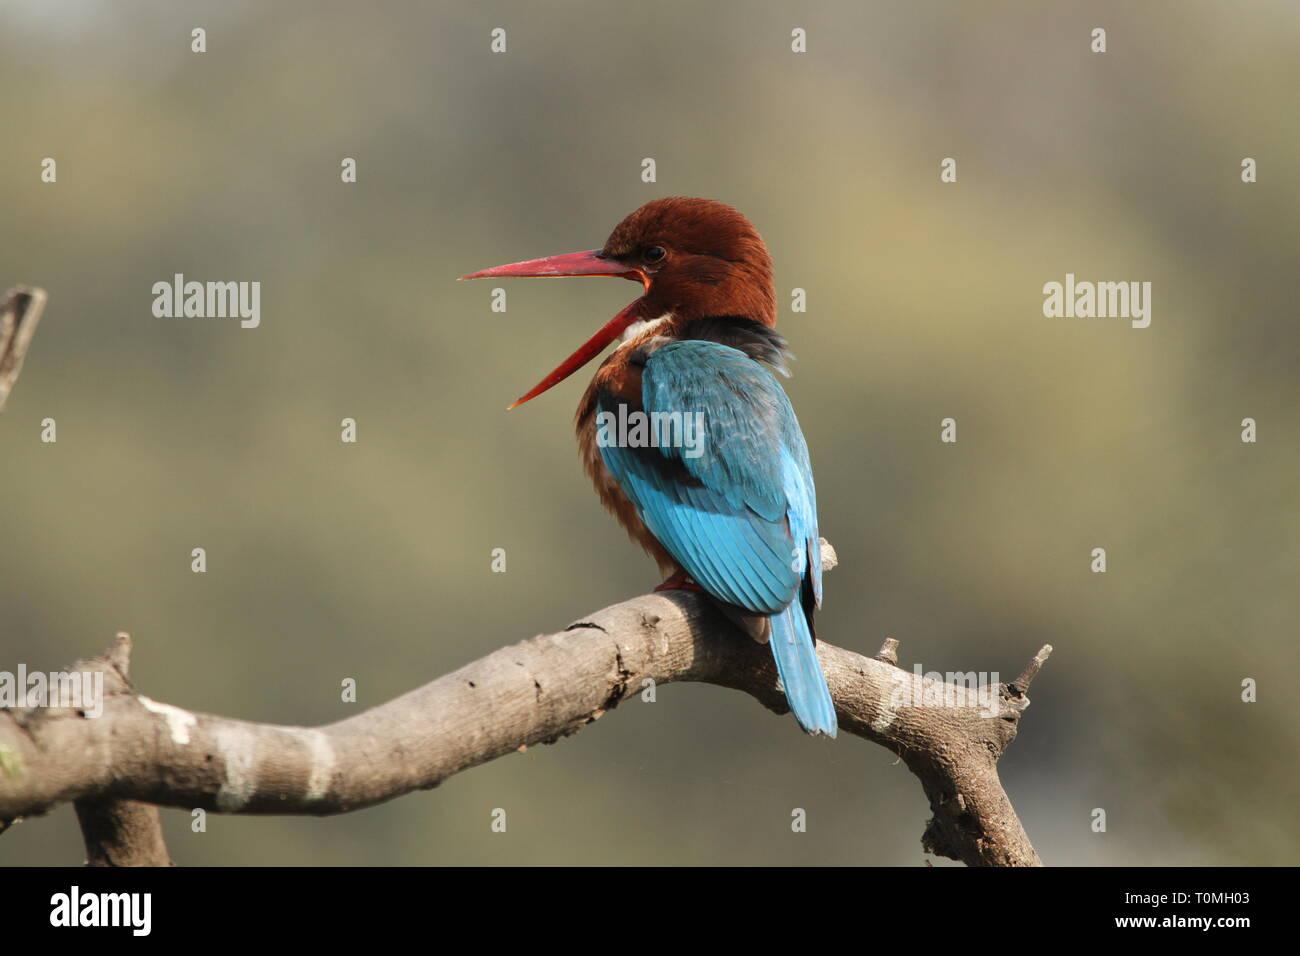 White-throated kingfisher on tree with beak opened - Stock Image